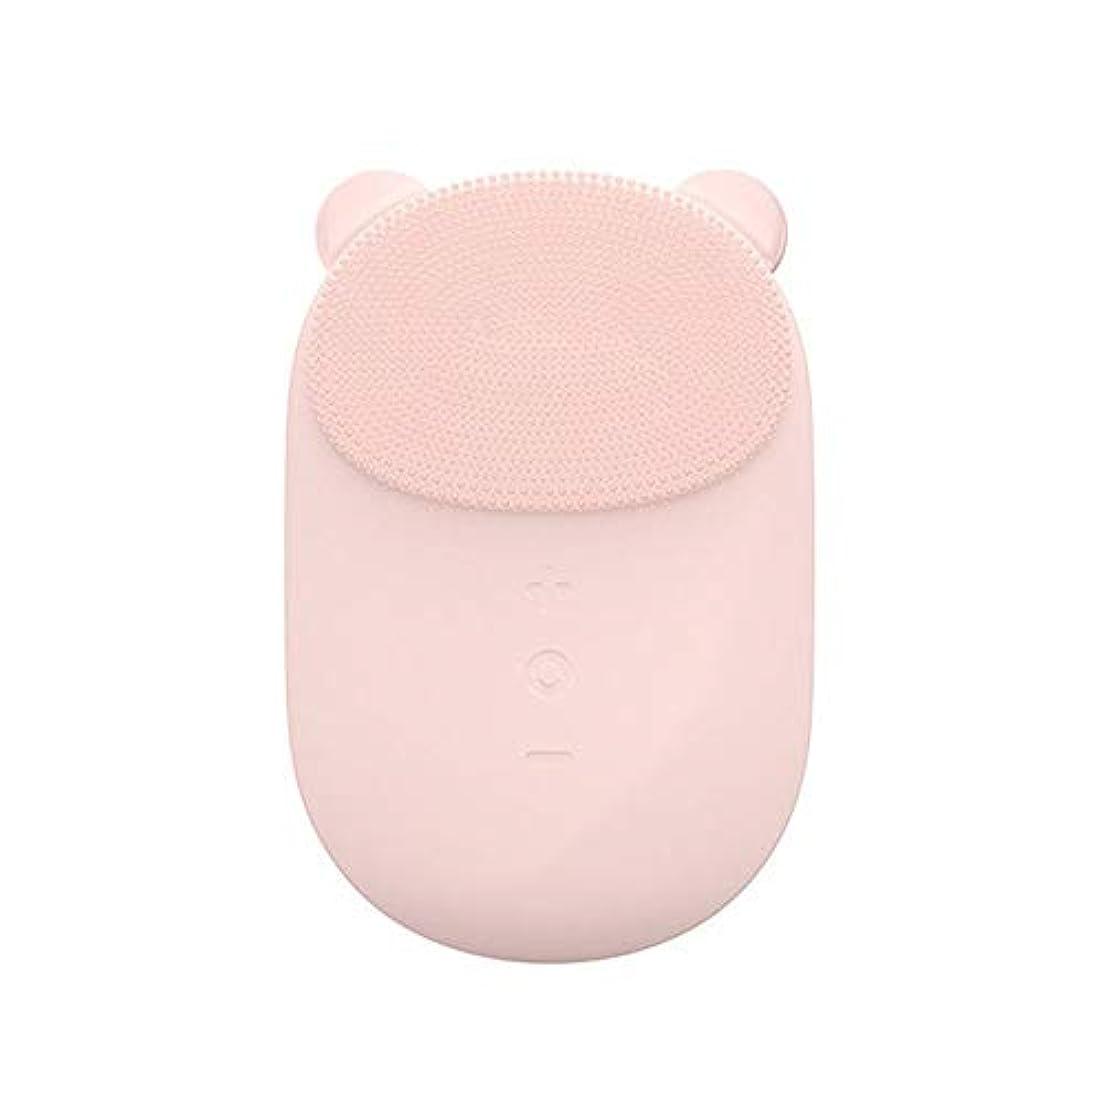 高いライトニングどんなときも洗顔ブラシ すべての肌のアンチエイジングフェイシャル剥離のためのフェイシャルクレンジングブラシフェース振動マッサージャー充電式ディープクリーニング ディープクレンジングスキンケア用 (色 : ピンク, サイズ : 10.6...